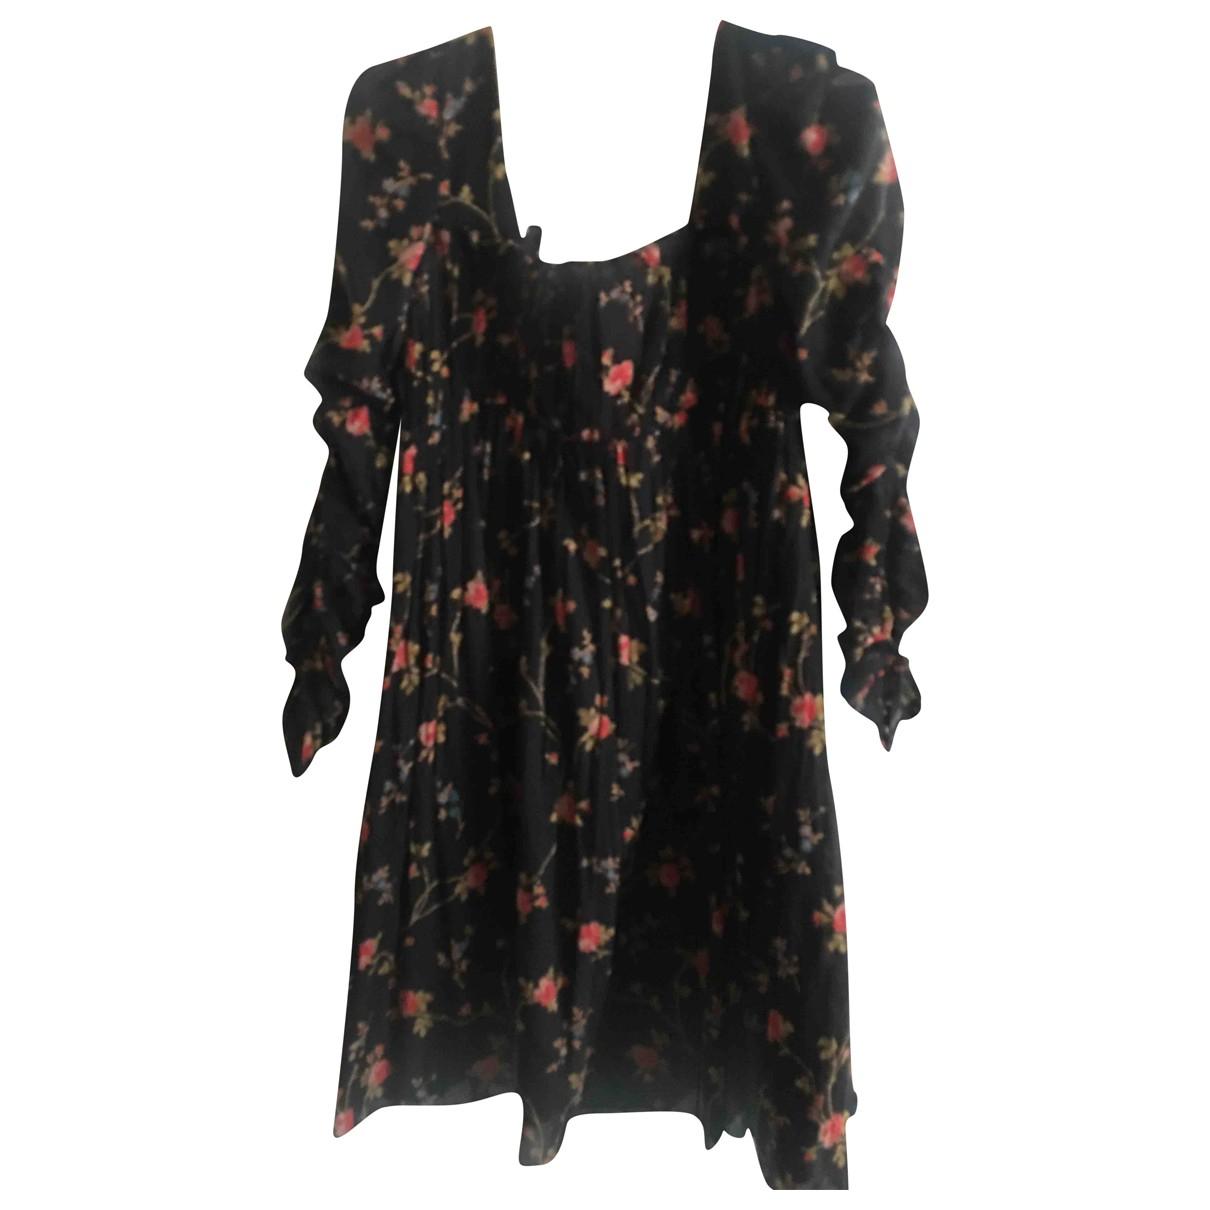 Jill Stuart \N Kleid in  Schwarz Baumwolle